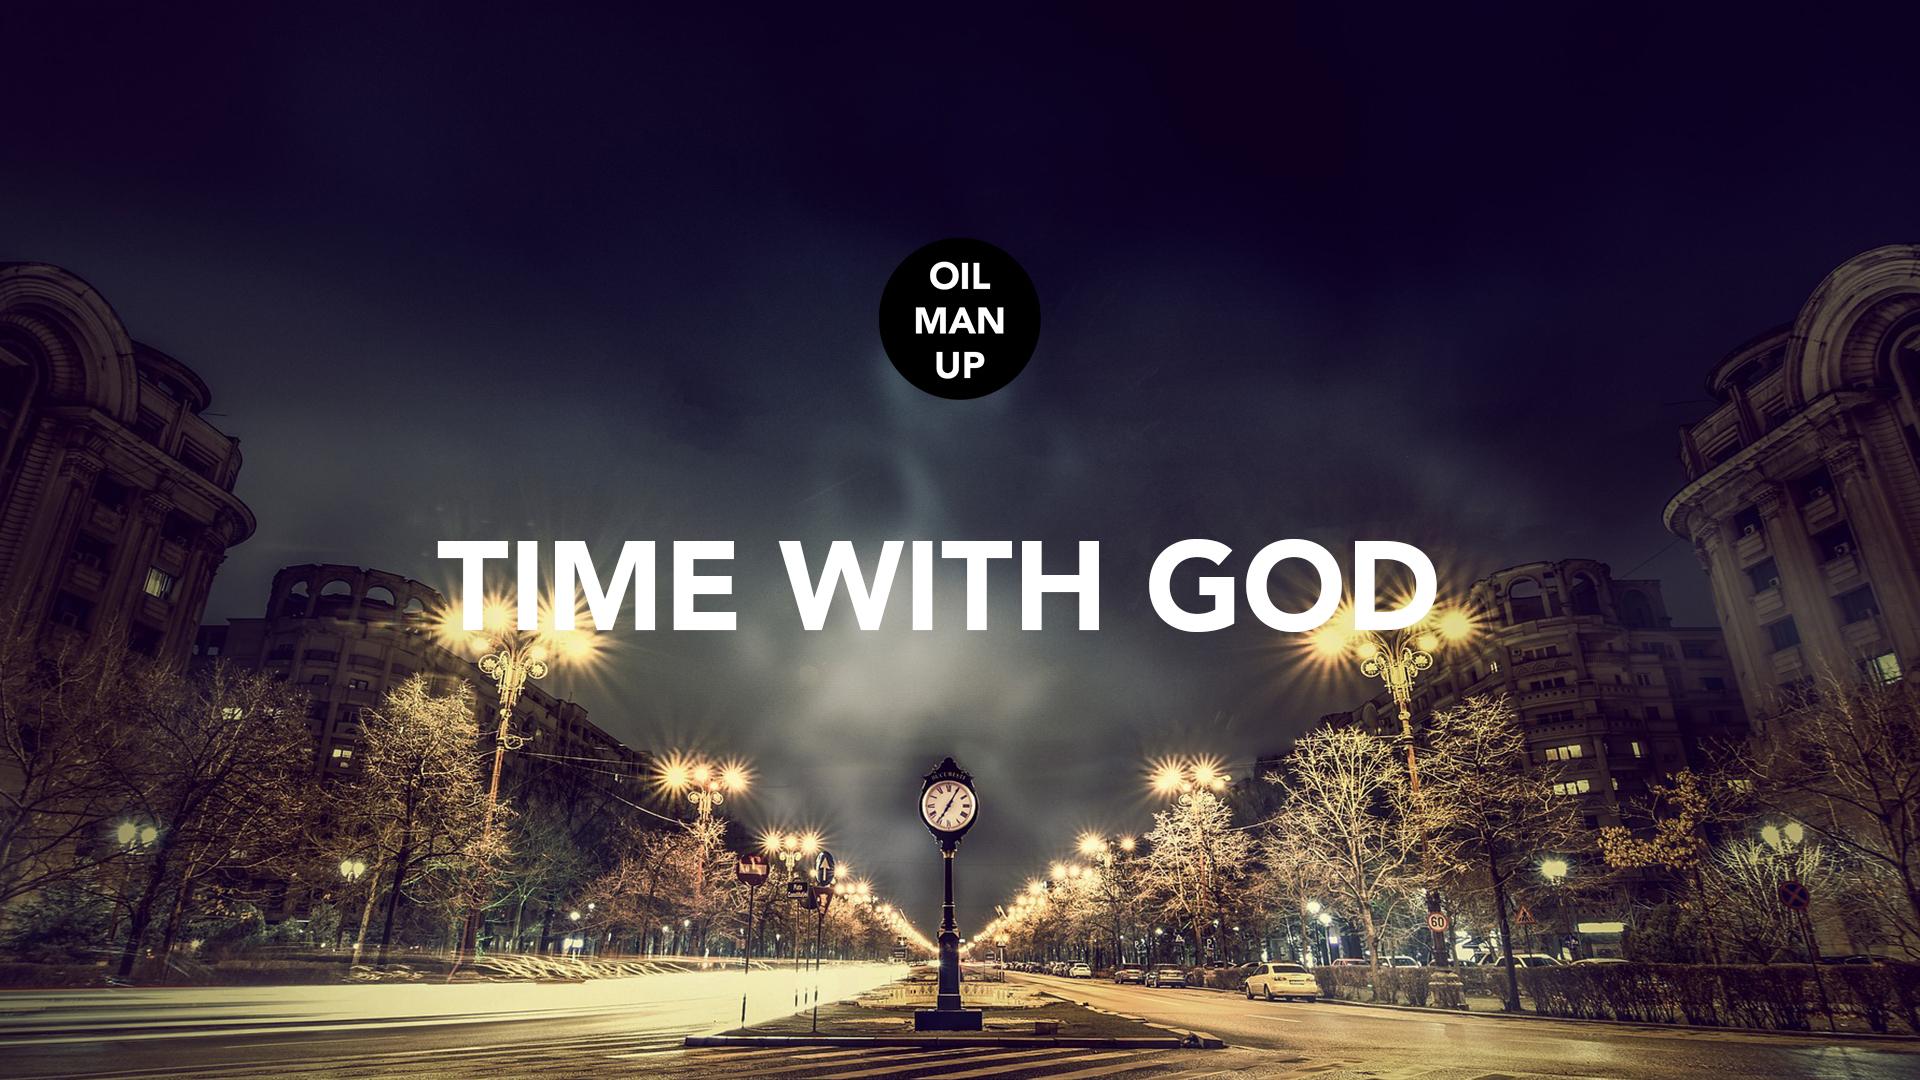 TimeWithGod.jpg